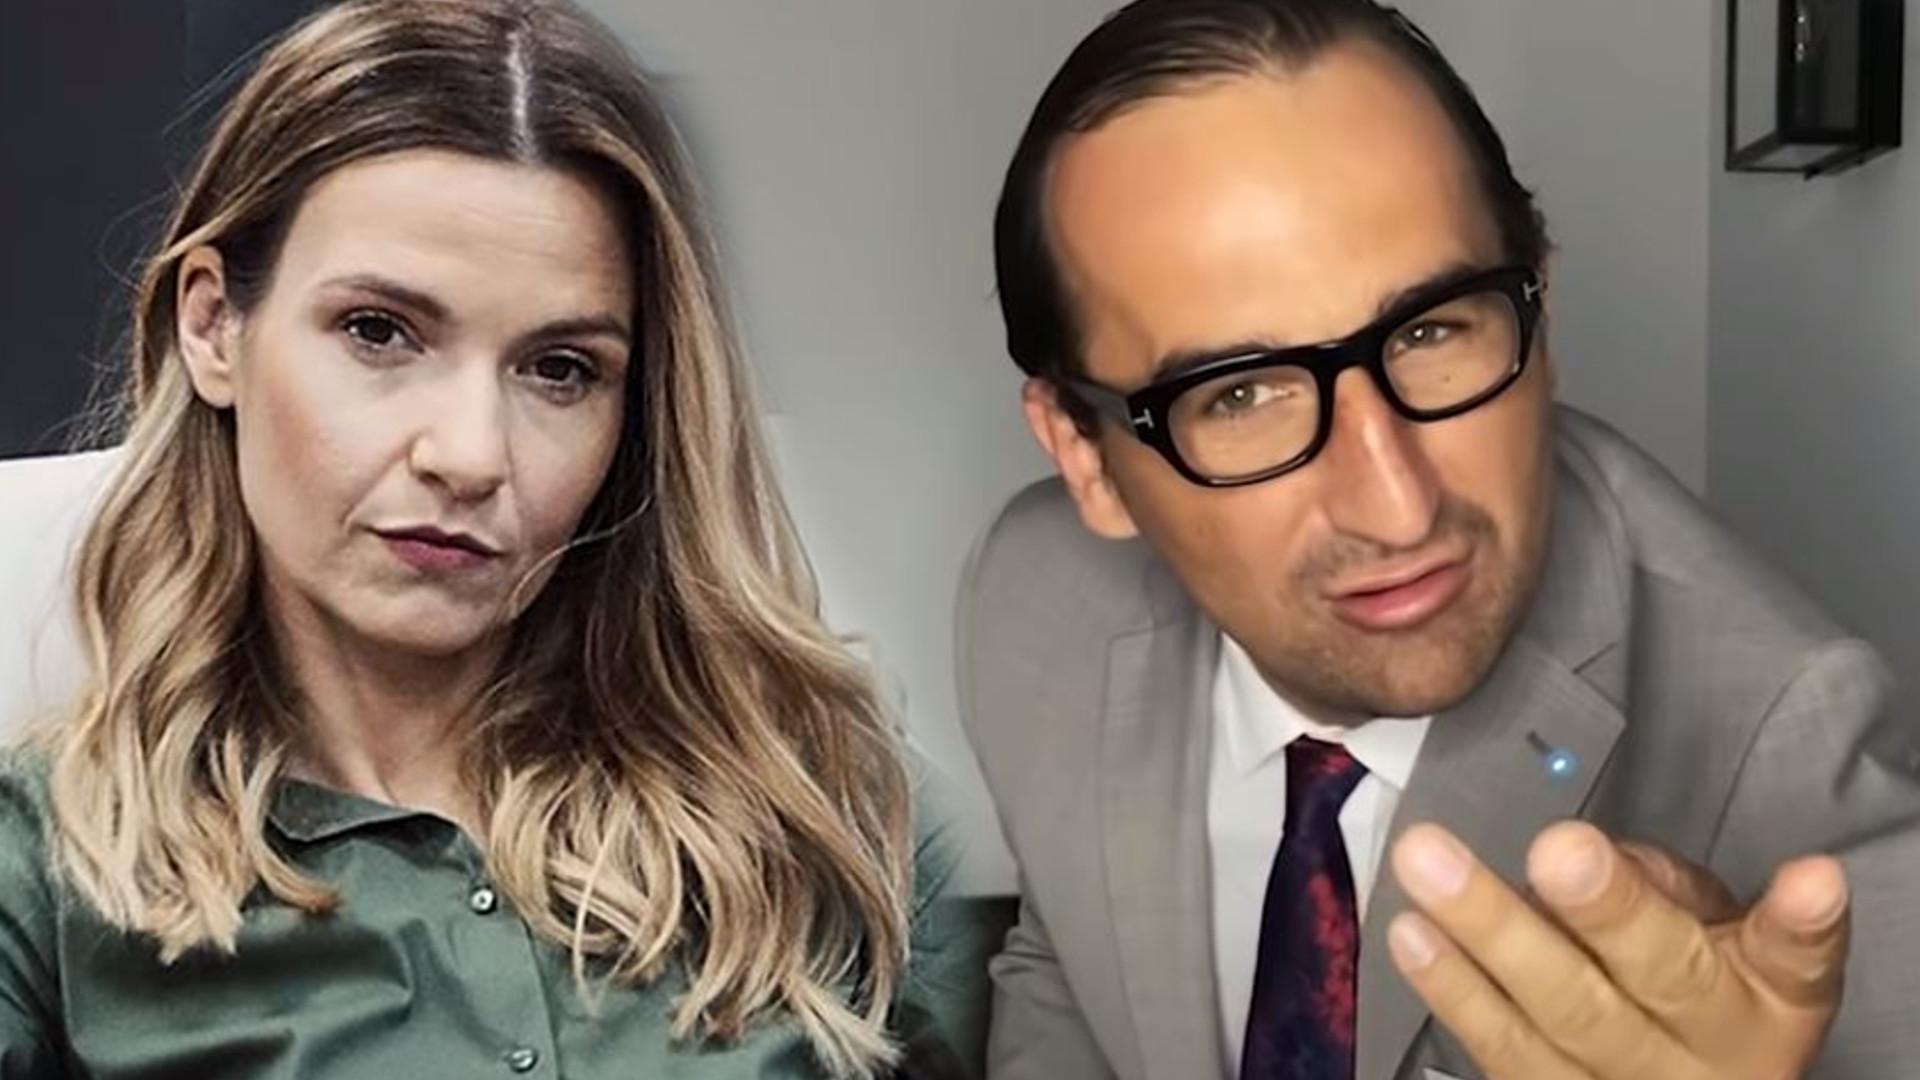 """Gwiazdy w urodzinowym filmiku dla Joanny Koroniewskiej: """"Prezes Koroniewska rządzi"""""""